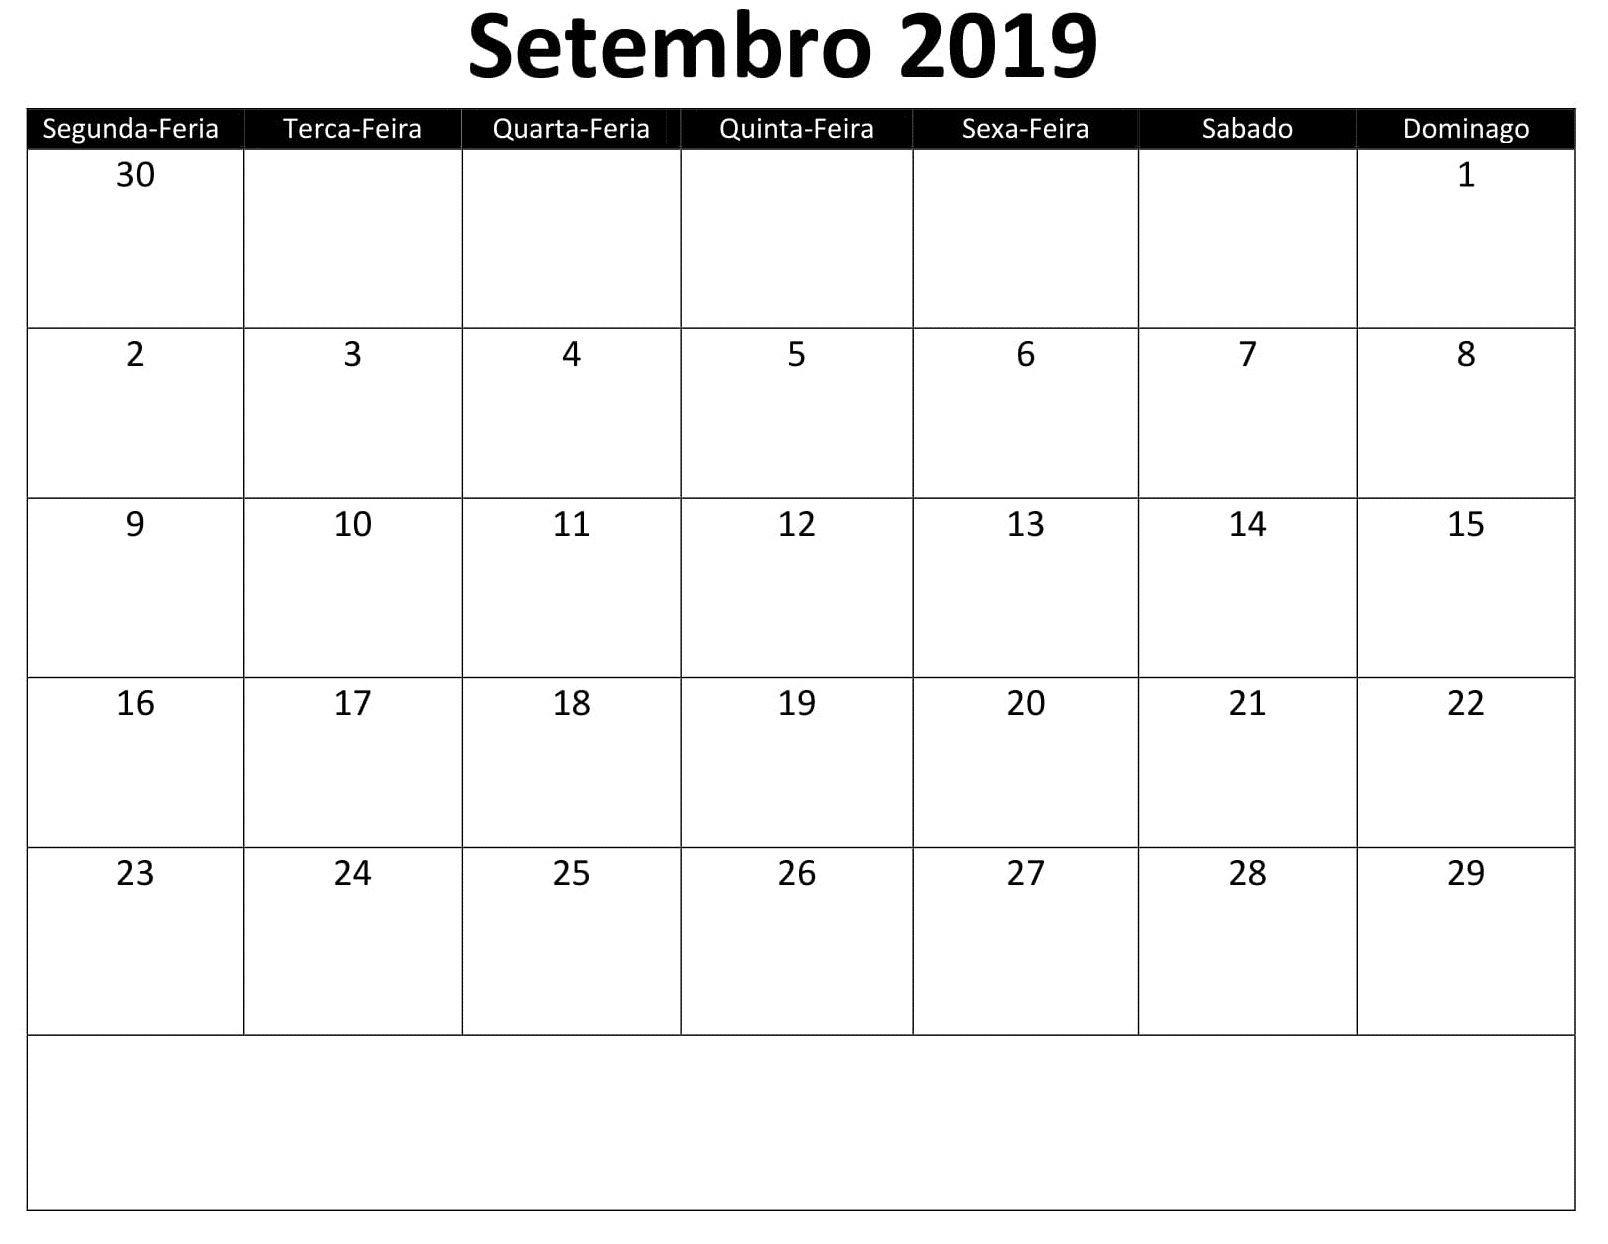 Calendario Diciembre 2017 Para Imprimir Chile Más Recientes Calendario 2019 Calendario 2019 Para Imprimir Of Calendario Diciembre 2017 Para Imprimir Chile Actual Calendário Abril 2019 Imprimir